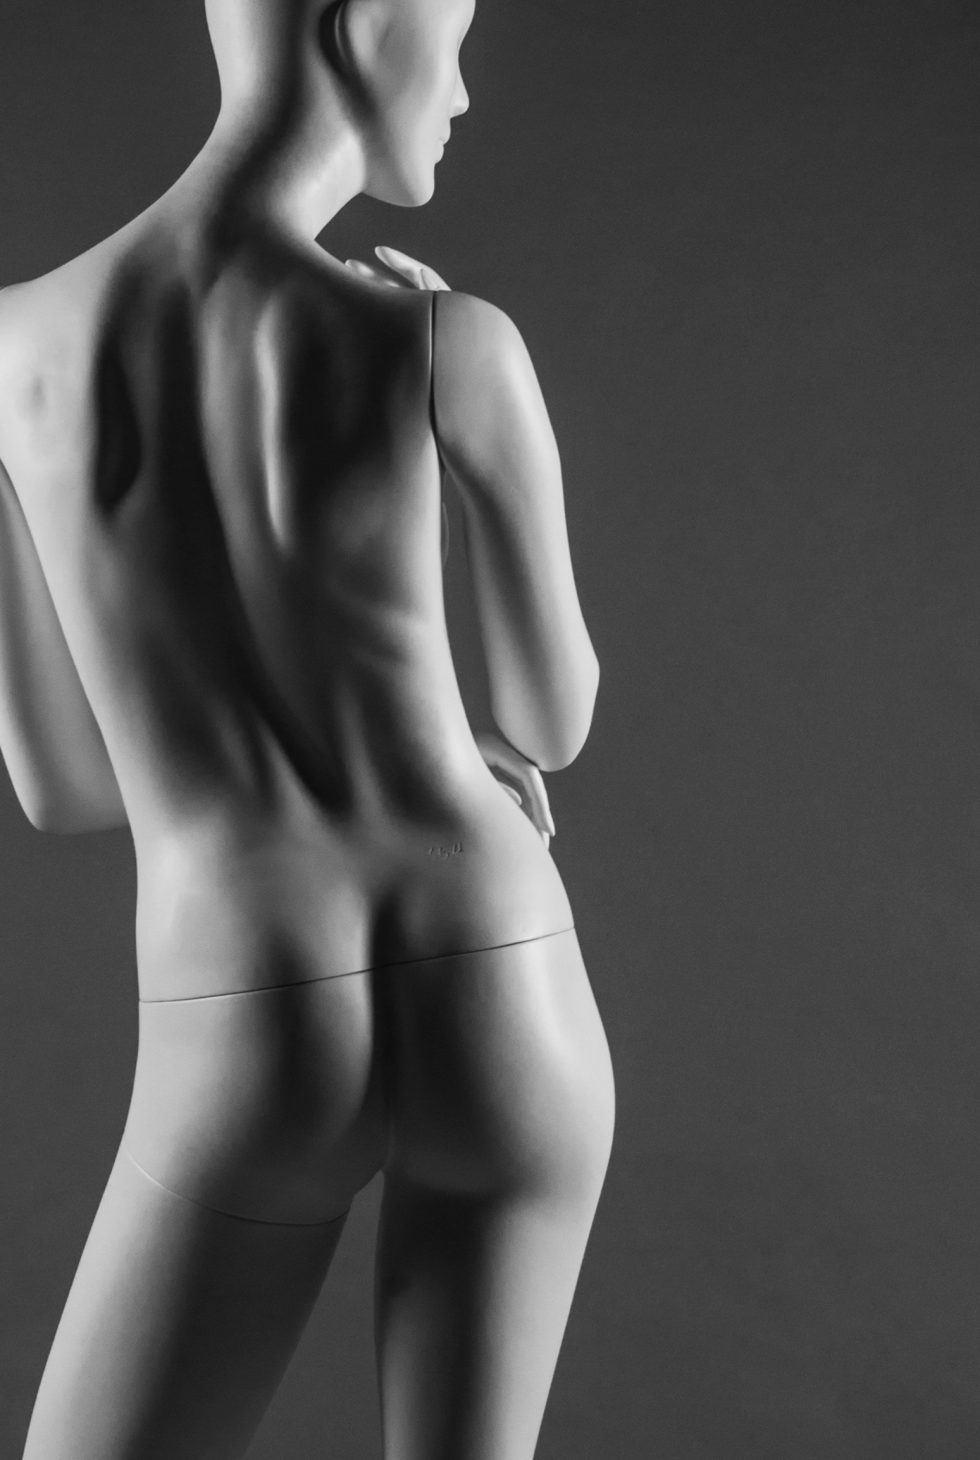 manichino donna stilizzato retro ritaglio